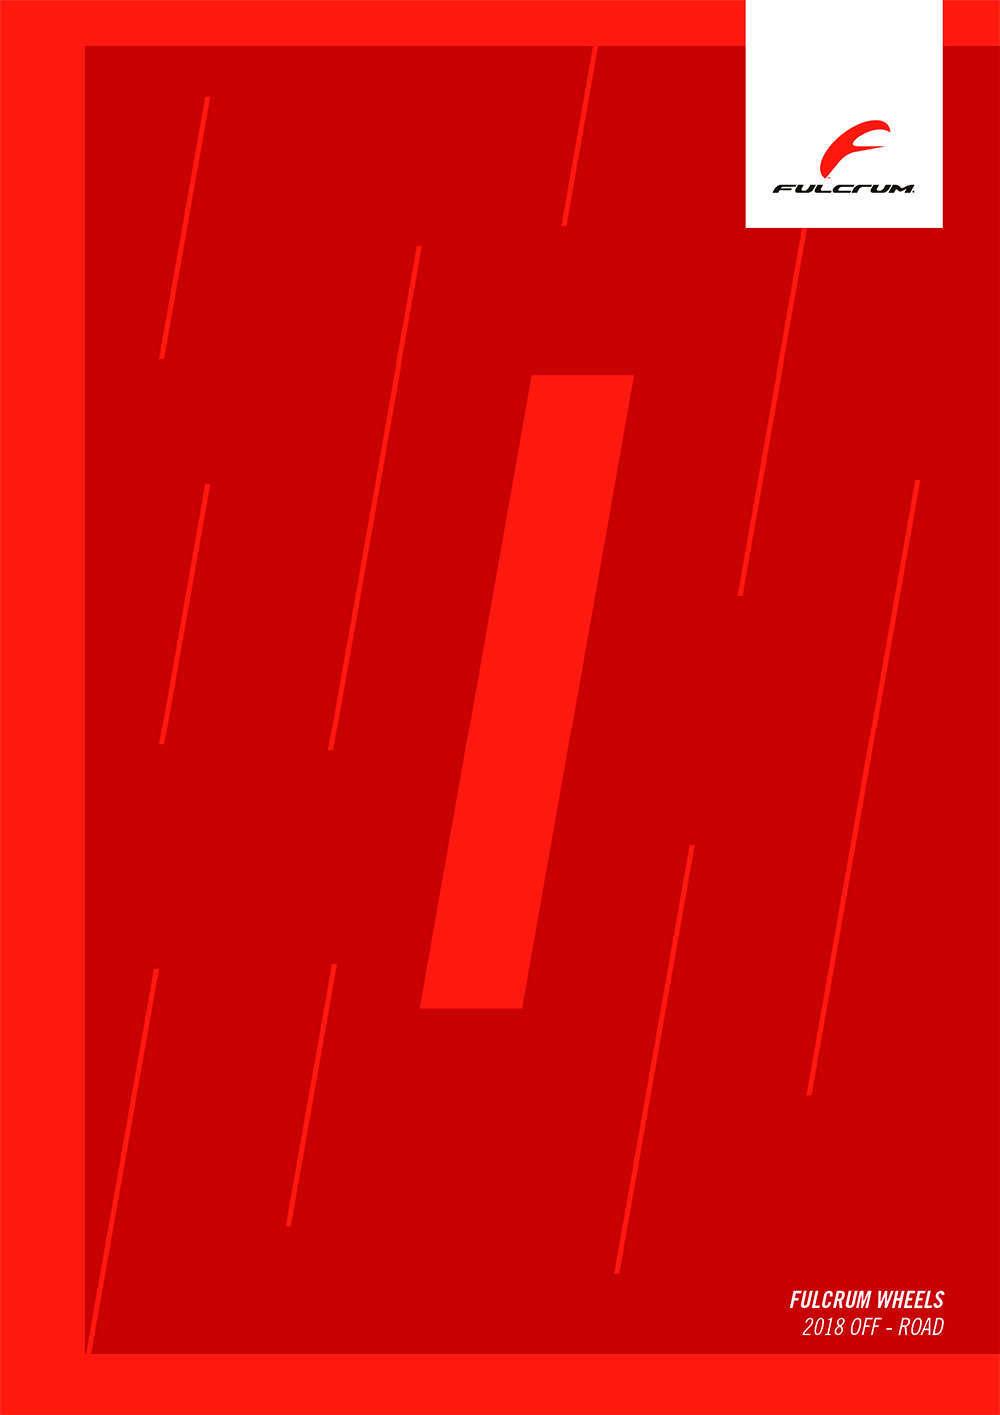 En TodoMountainBike: Catálogo de Fulcrum 2018. Toda la gama de ruedas Fulcrum para la temporada 2018